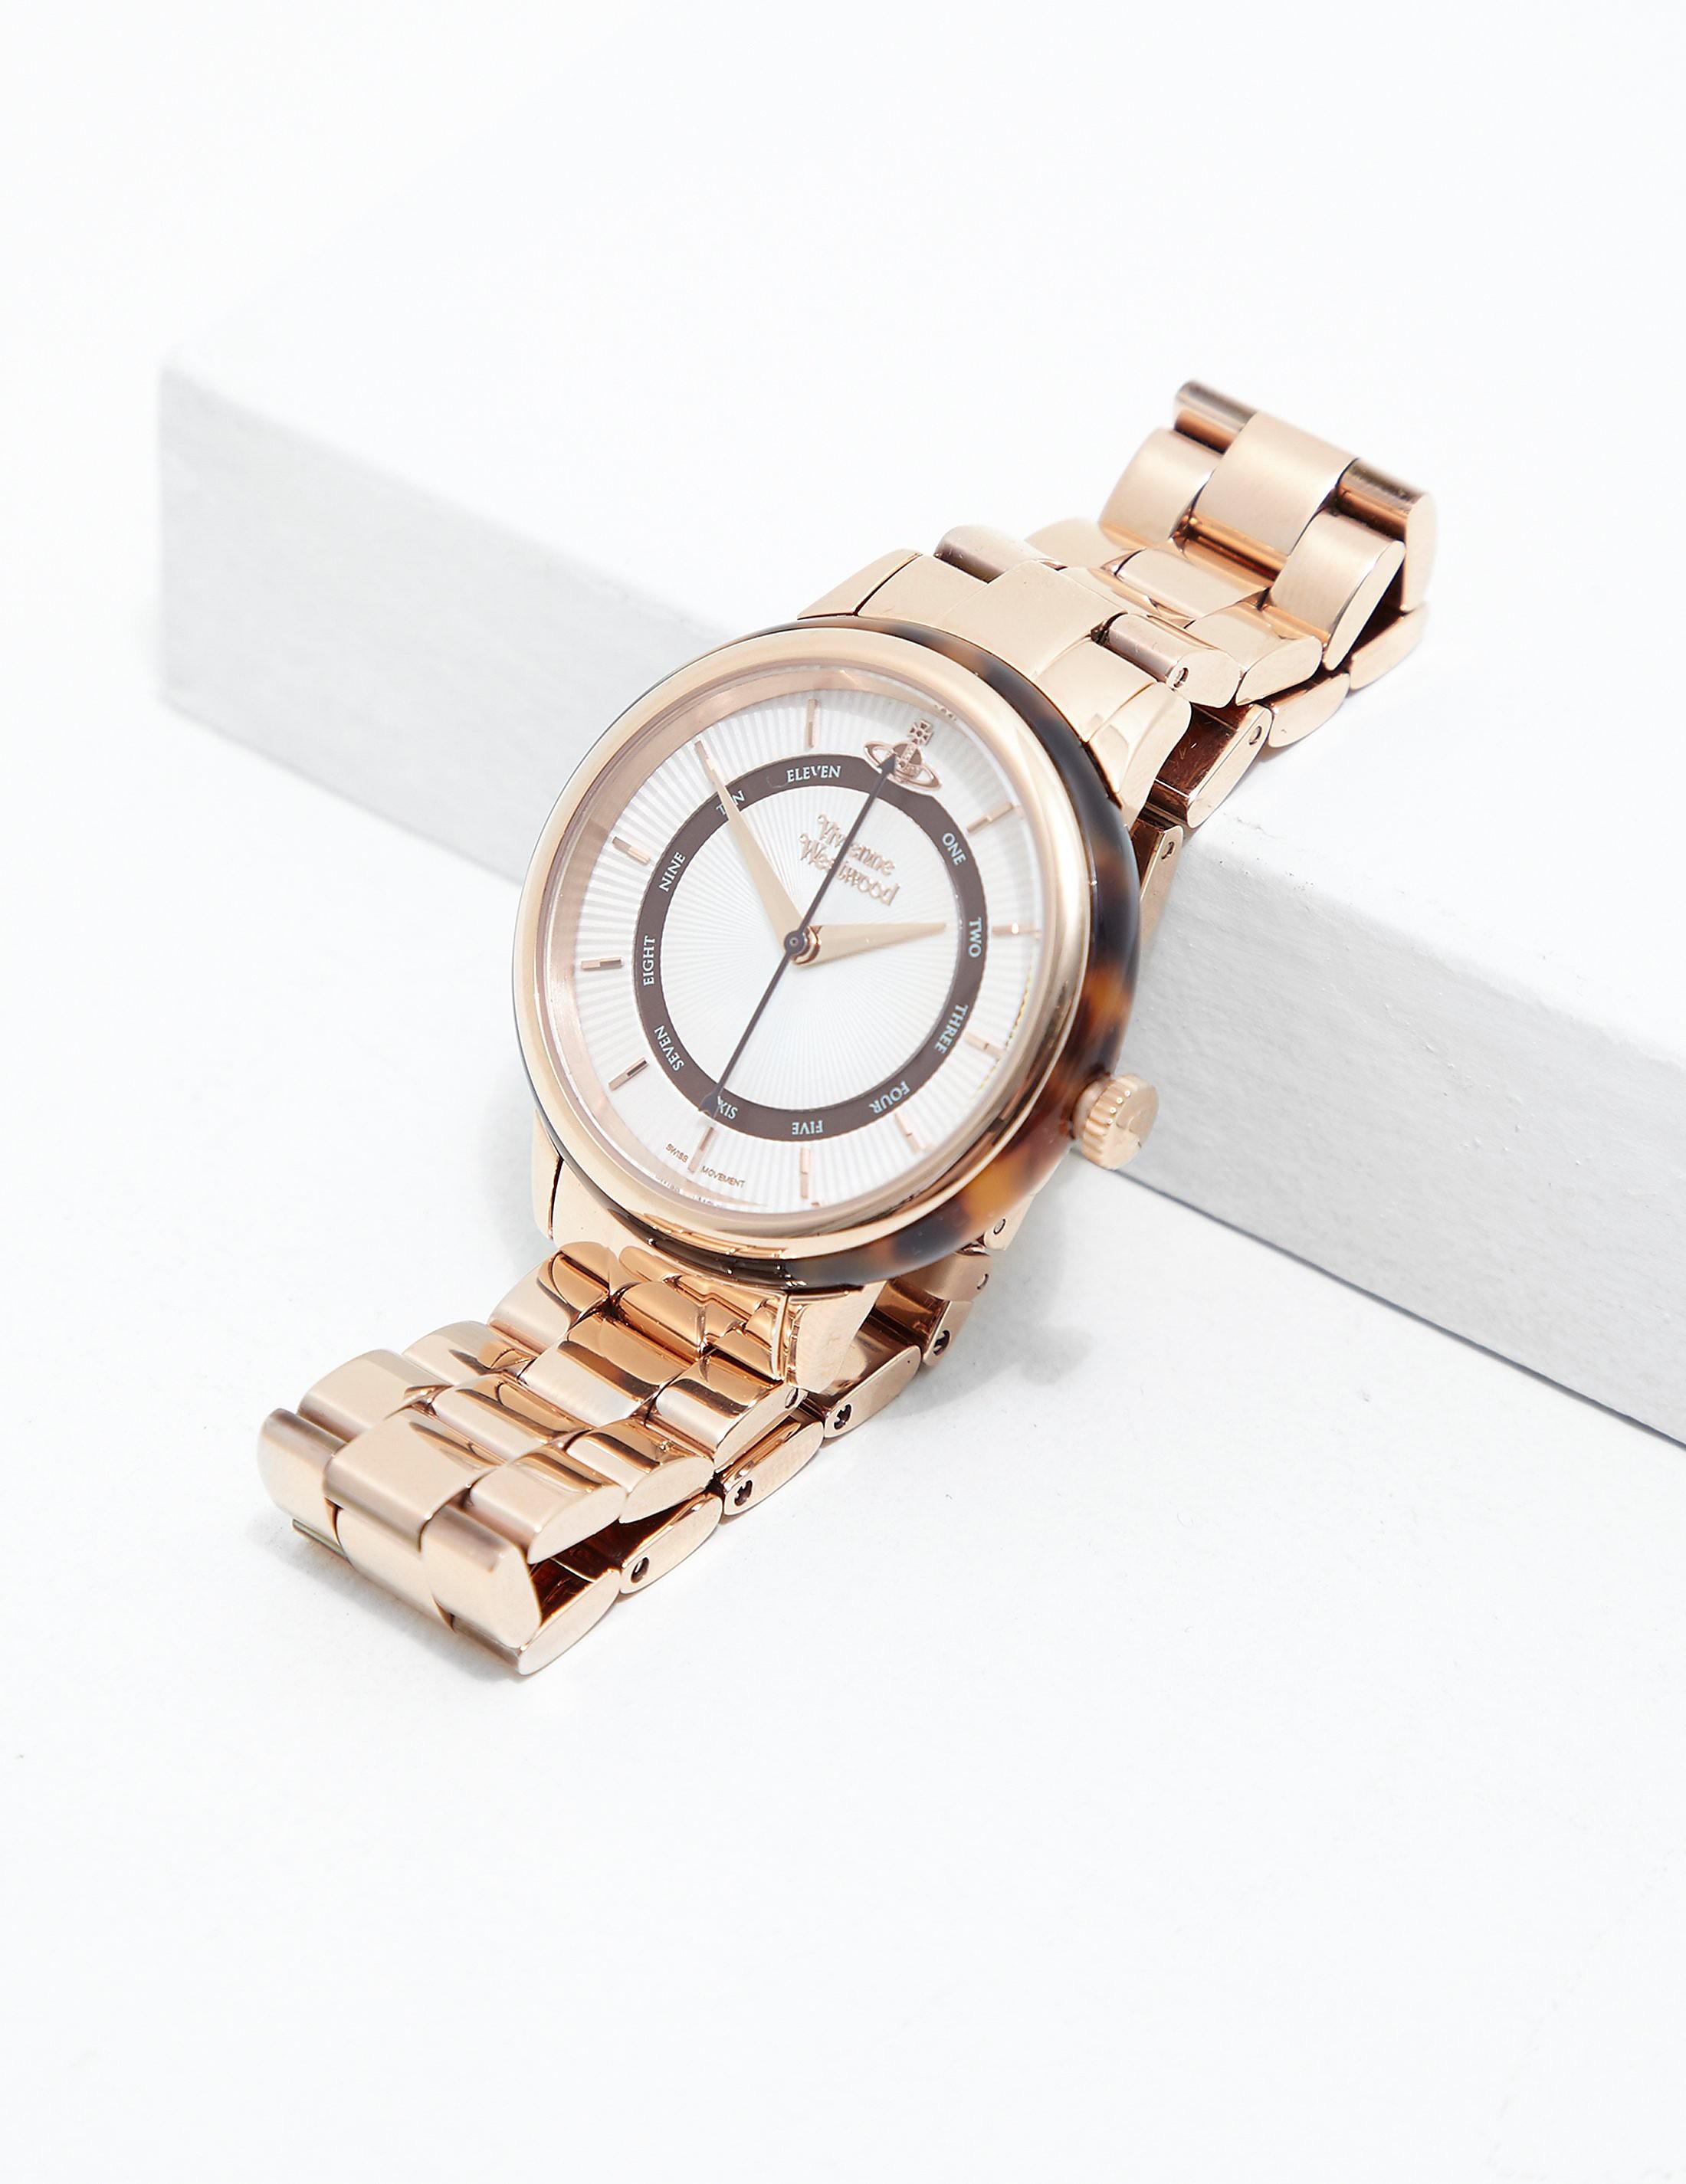 Vivienne Westwood Portobello Watch